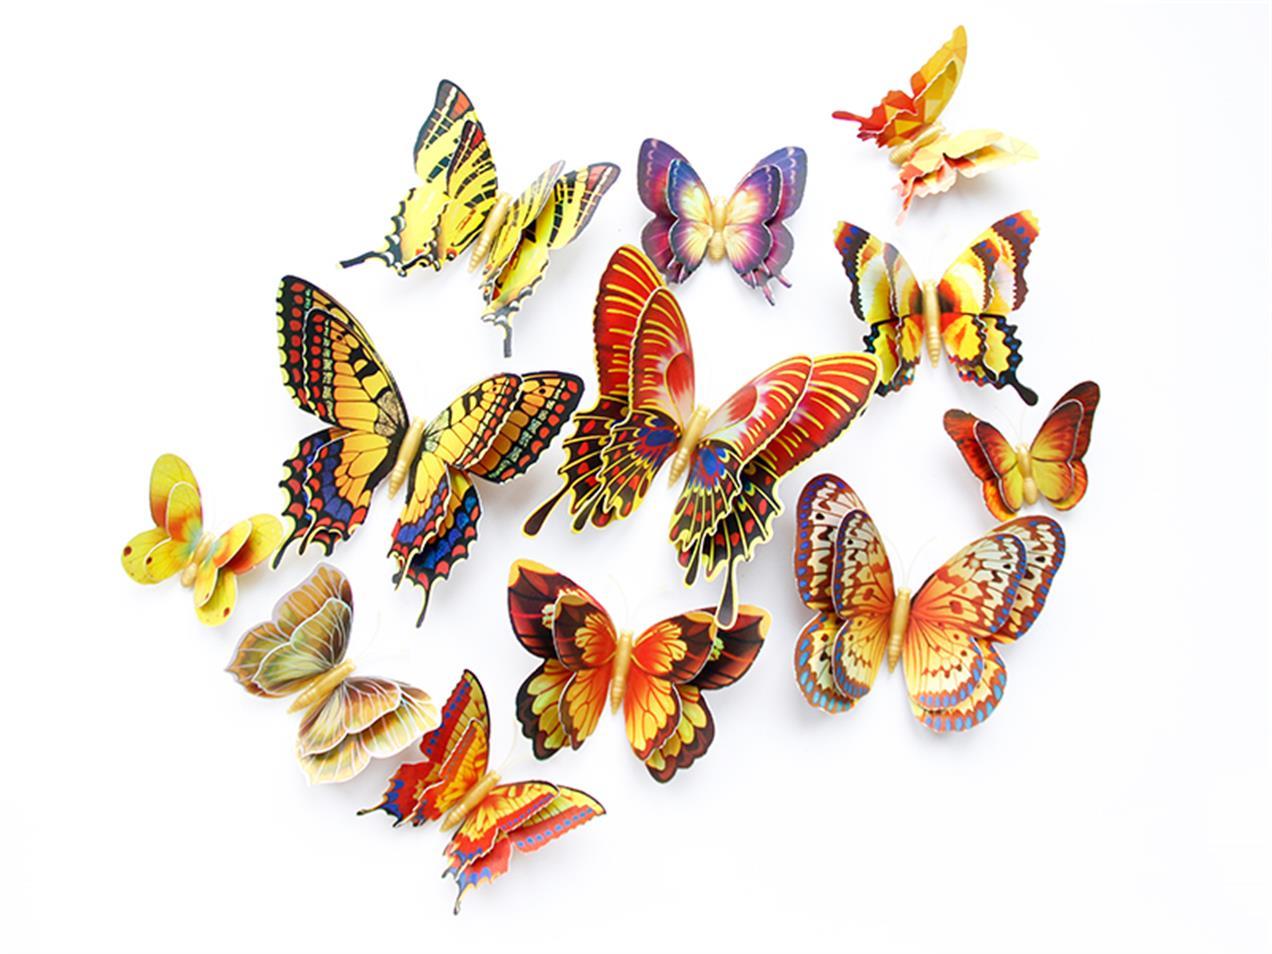 仿真蝴蝶双层金色套装仿真蝴蝶